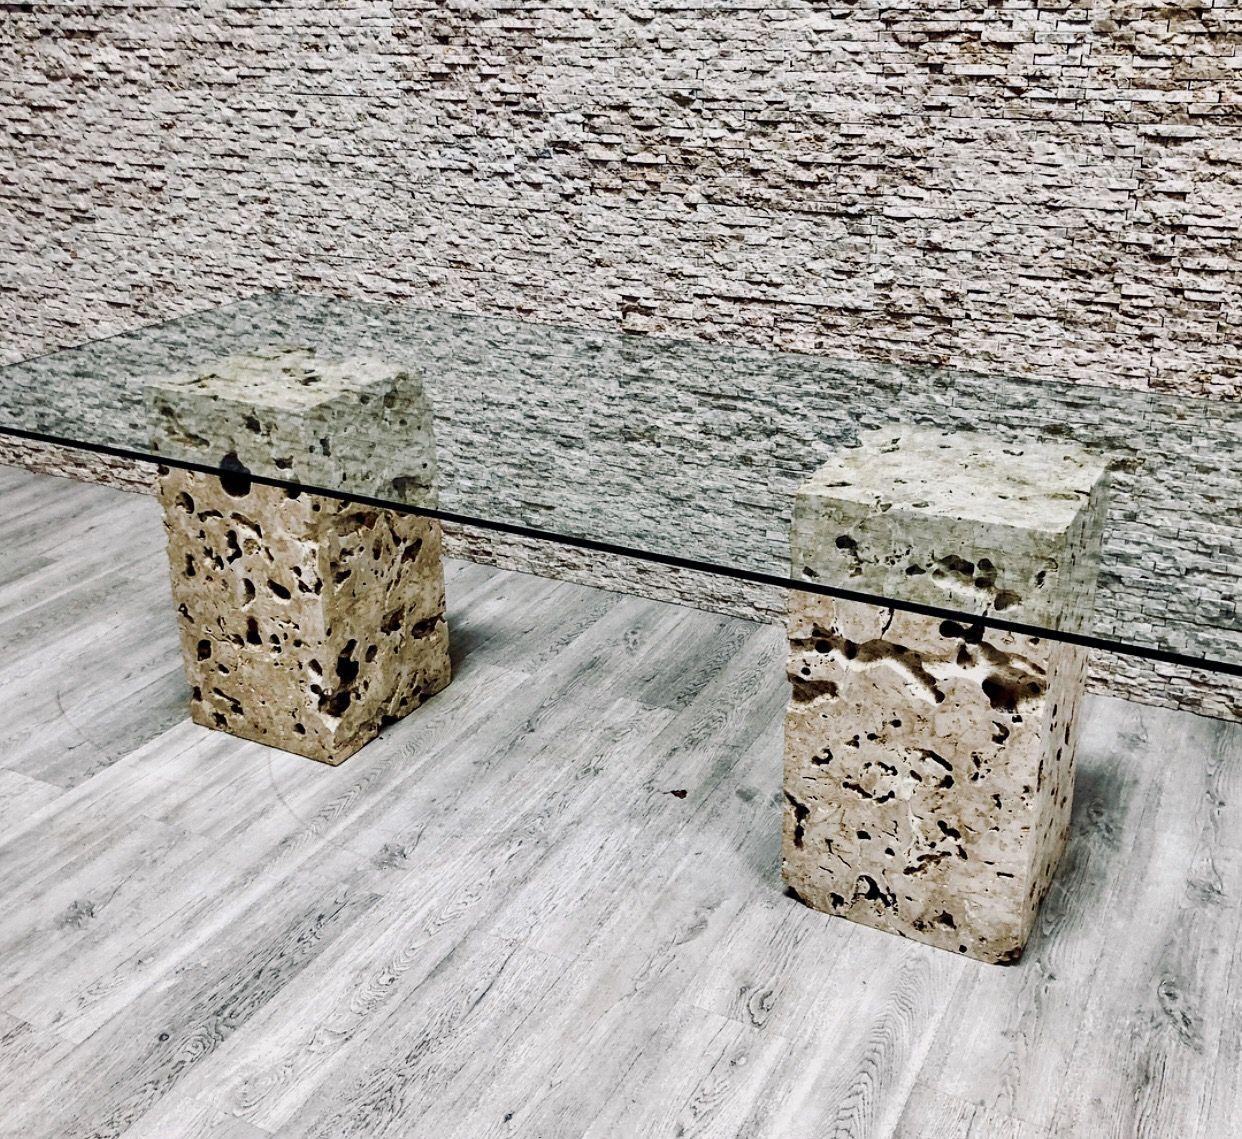 Mesa De Comedor Con Pies De Piedra Natural Mesa De Piedra Mesa De Comedor Baños Con Piedra